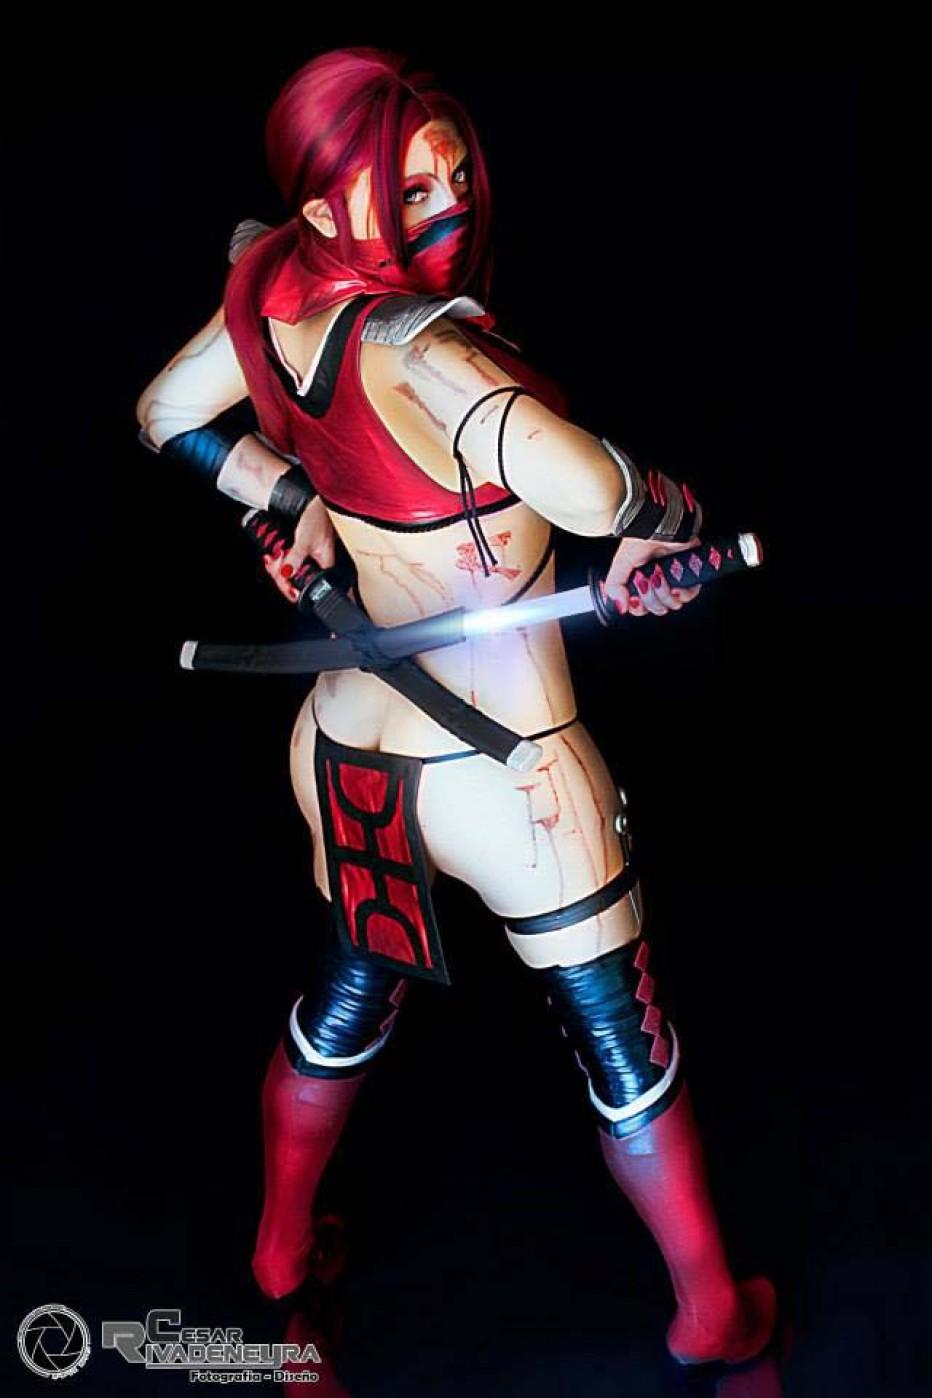 Mortal-Kombat-Skarlet-Cosplay-Gamers-Heroes-10.jpg